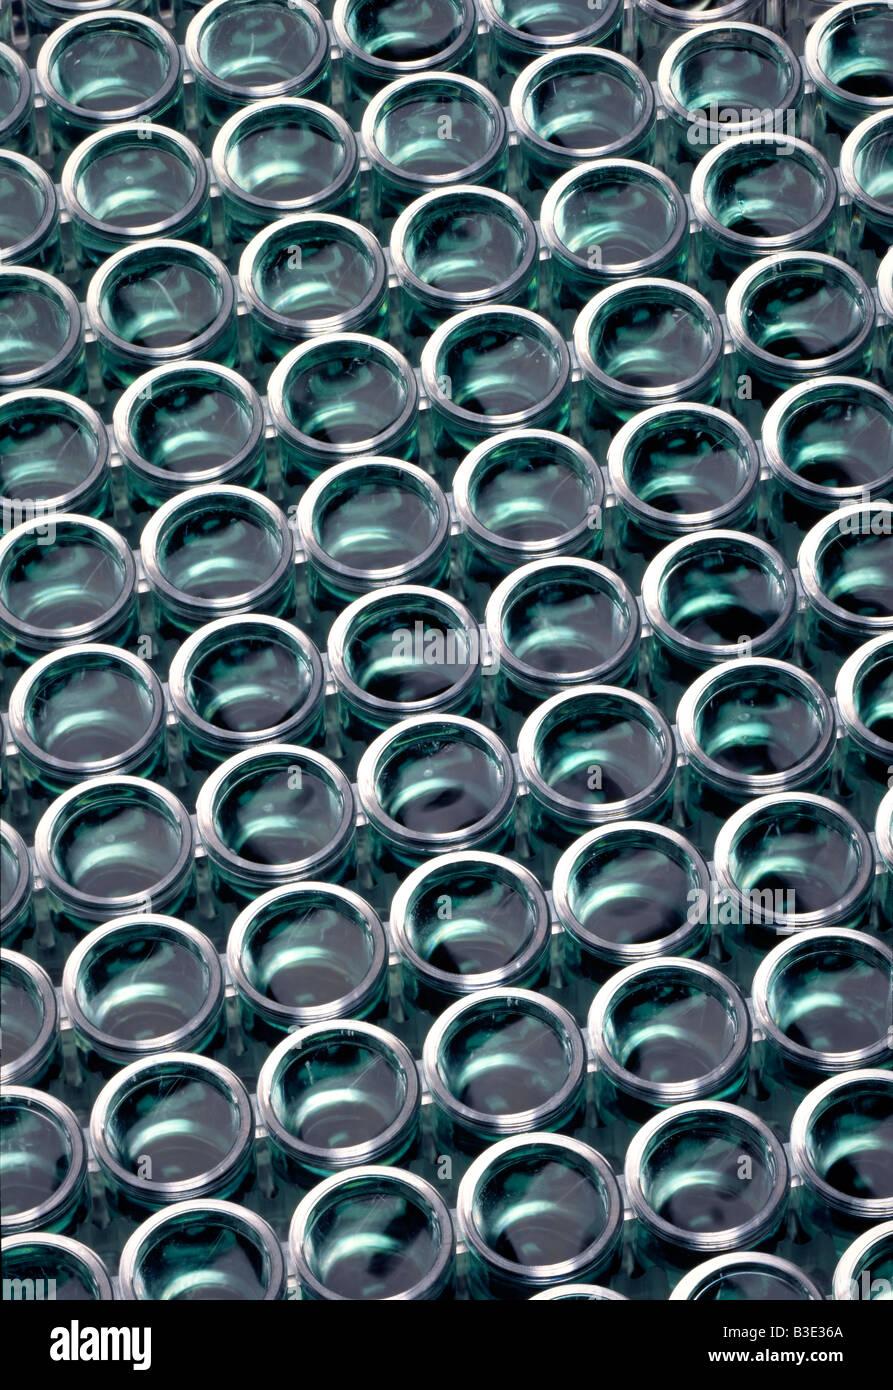 La microplaca utiliza para hacer múltiples pruebas a menudo por una máquina en el laboratorio. Imagen De Stock